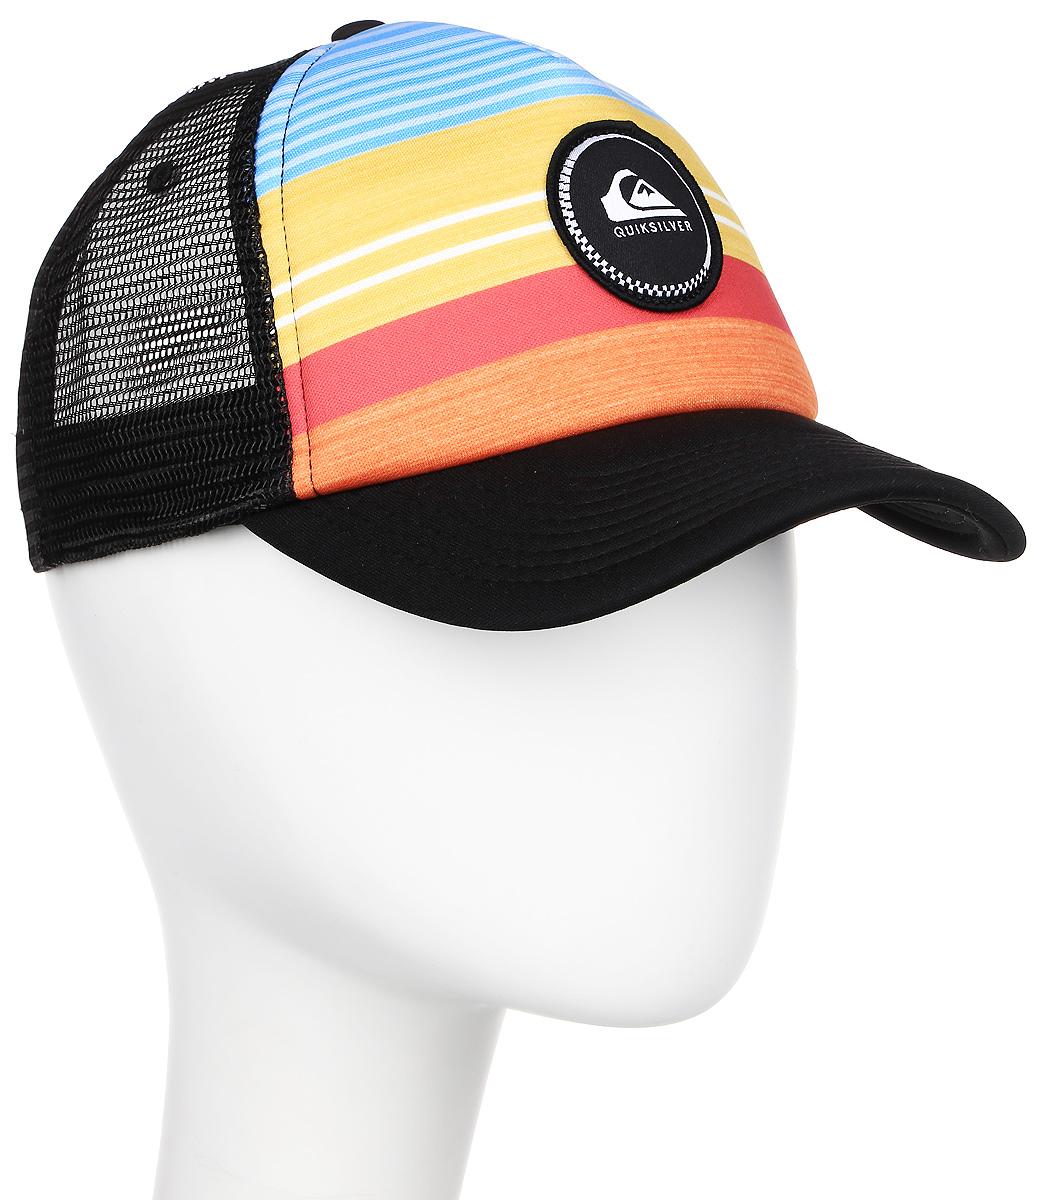 Бейсболка муж Quiksilver Striped Vee, цвет: черный, желтый, голубой. AQYHA03727-NKM0. Размер универсальныйAQYHA03727-NKM0